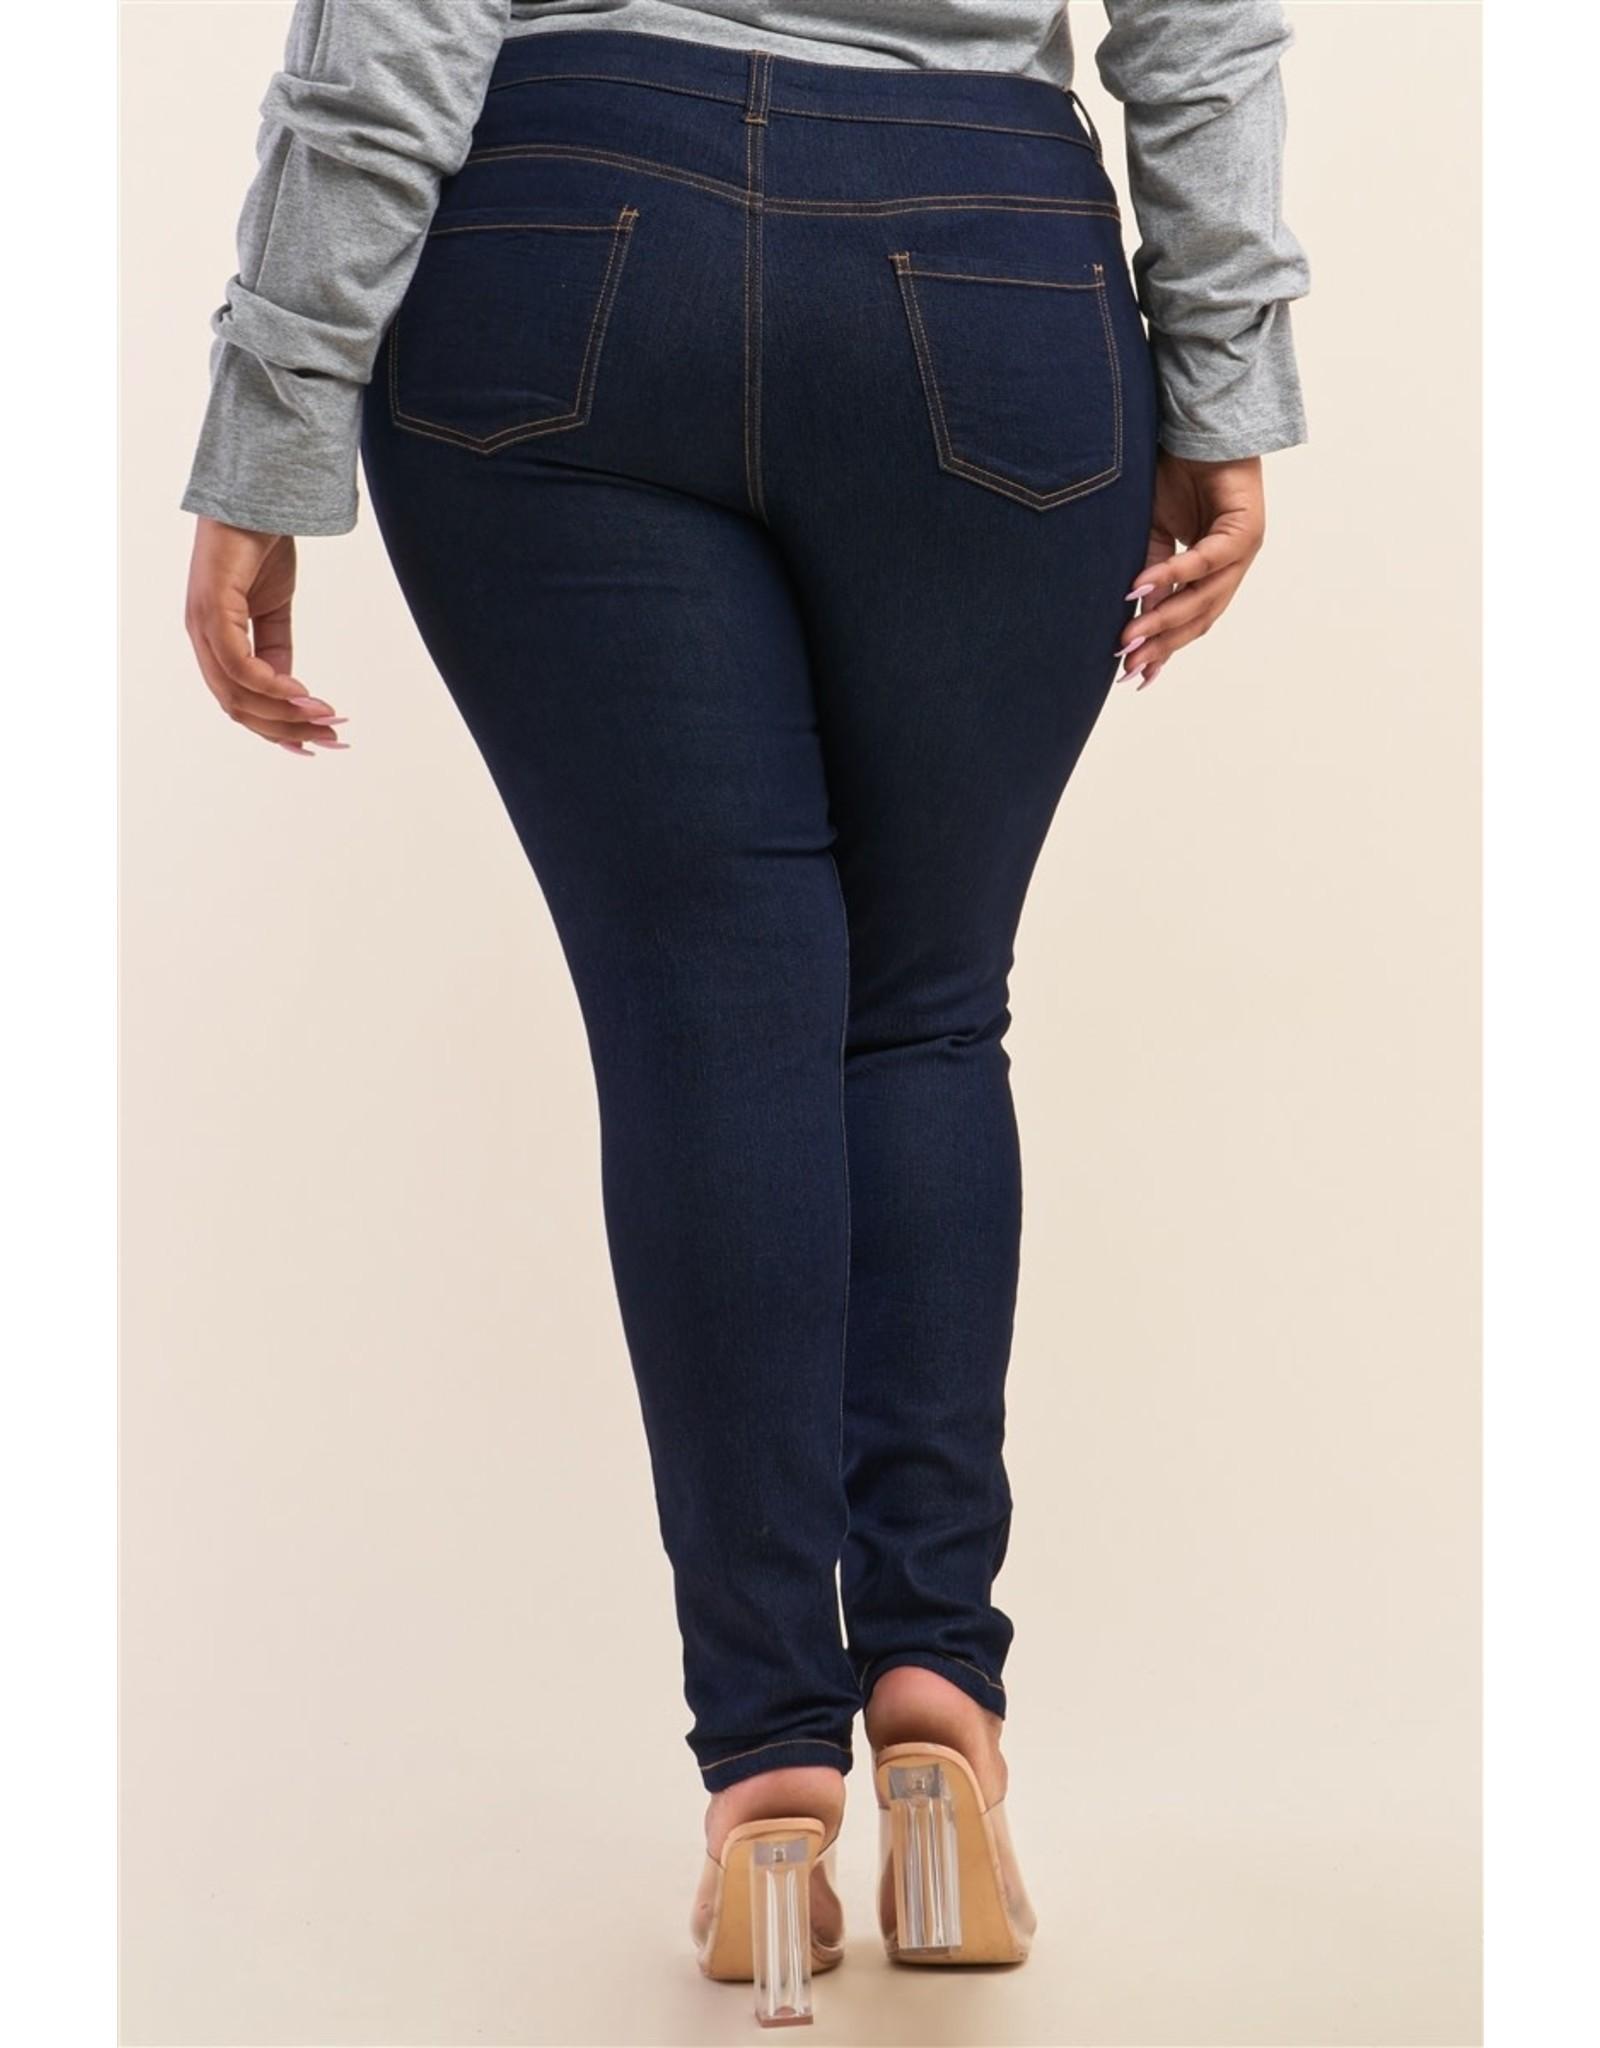 Dark Blue Low-Mid Rise Straight Cut Denim Pants